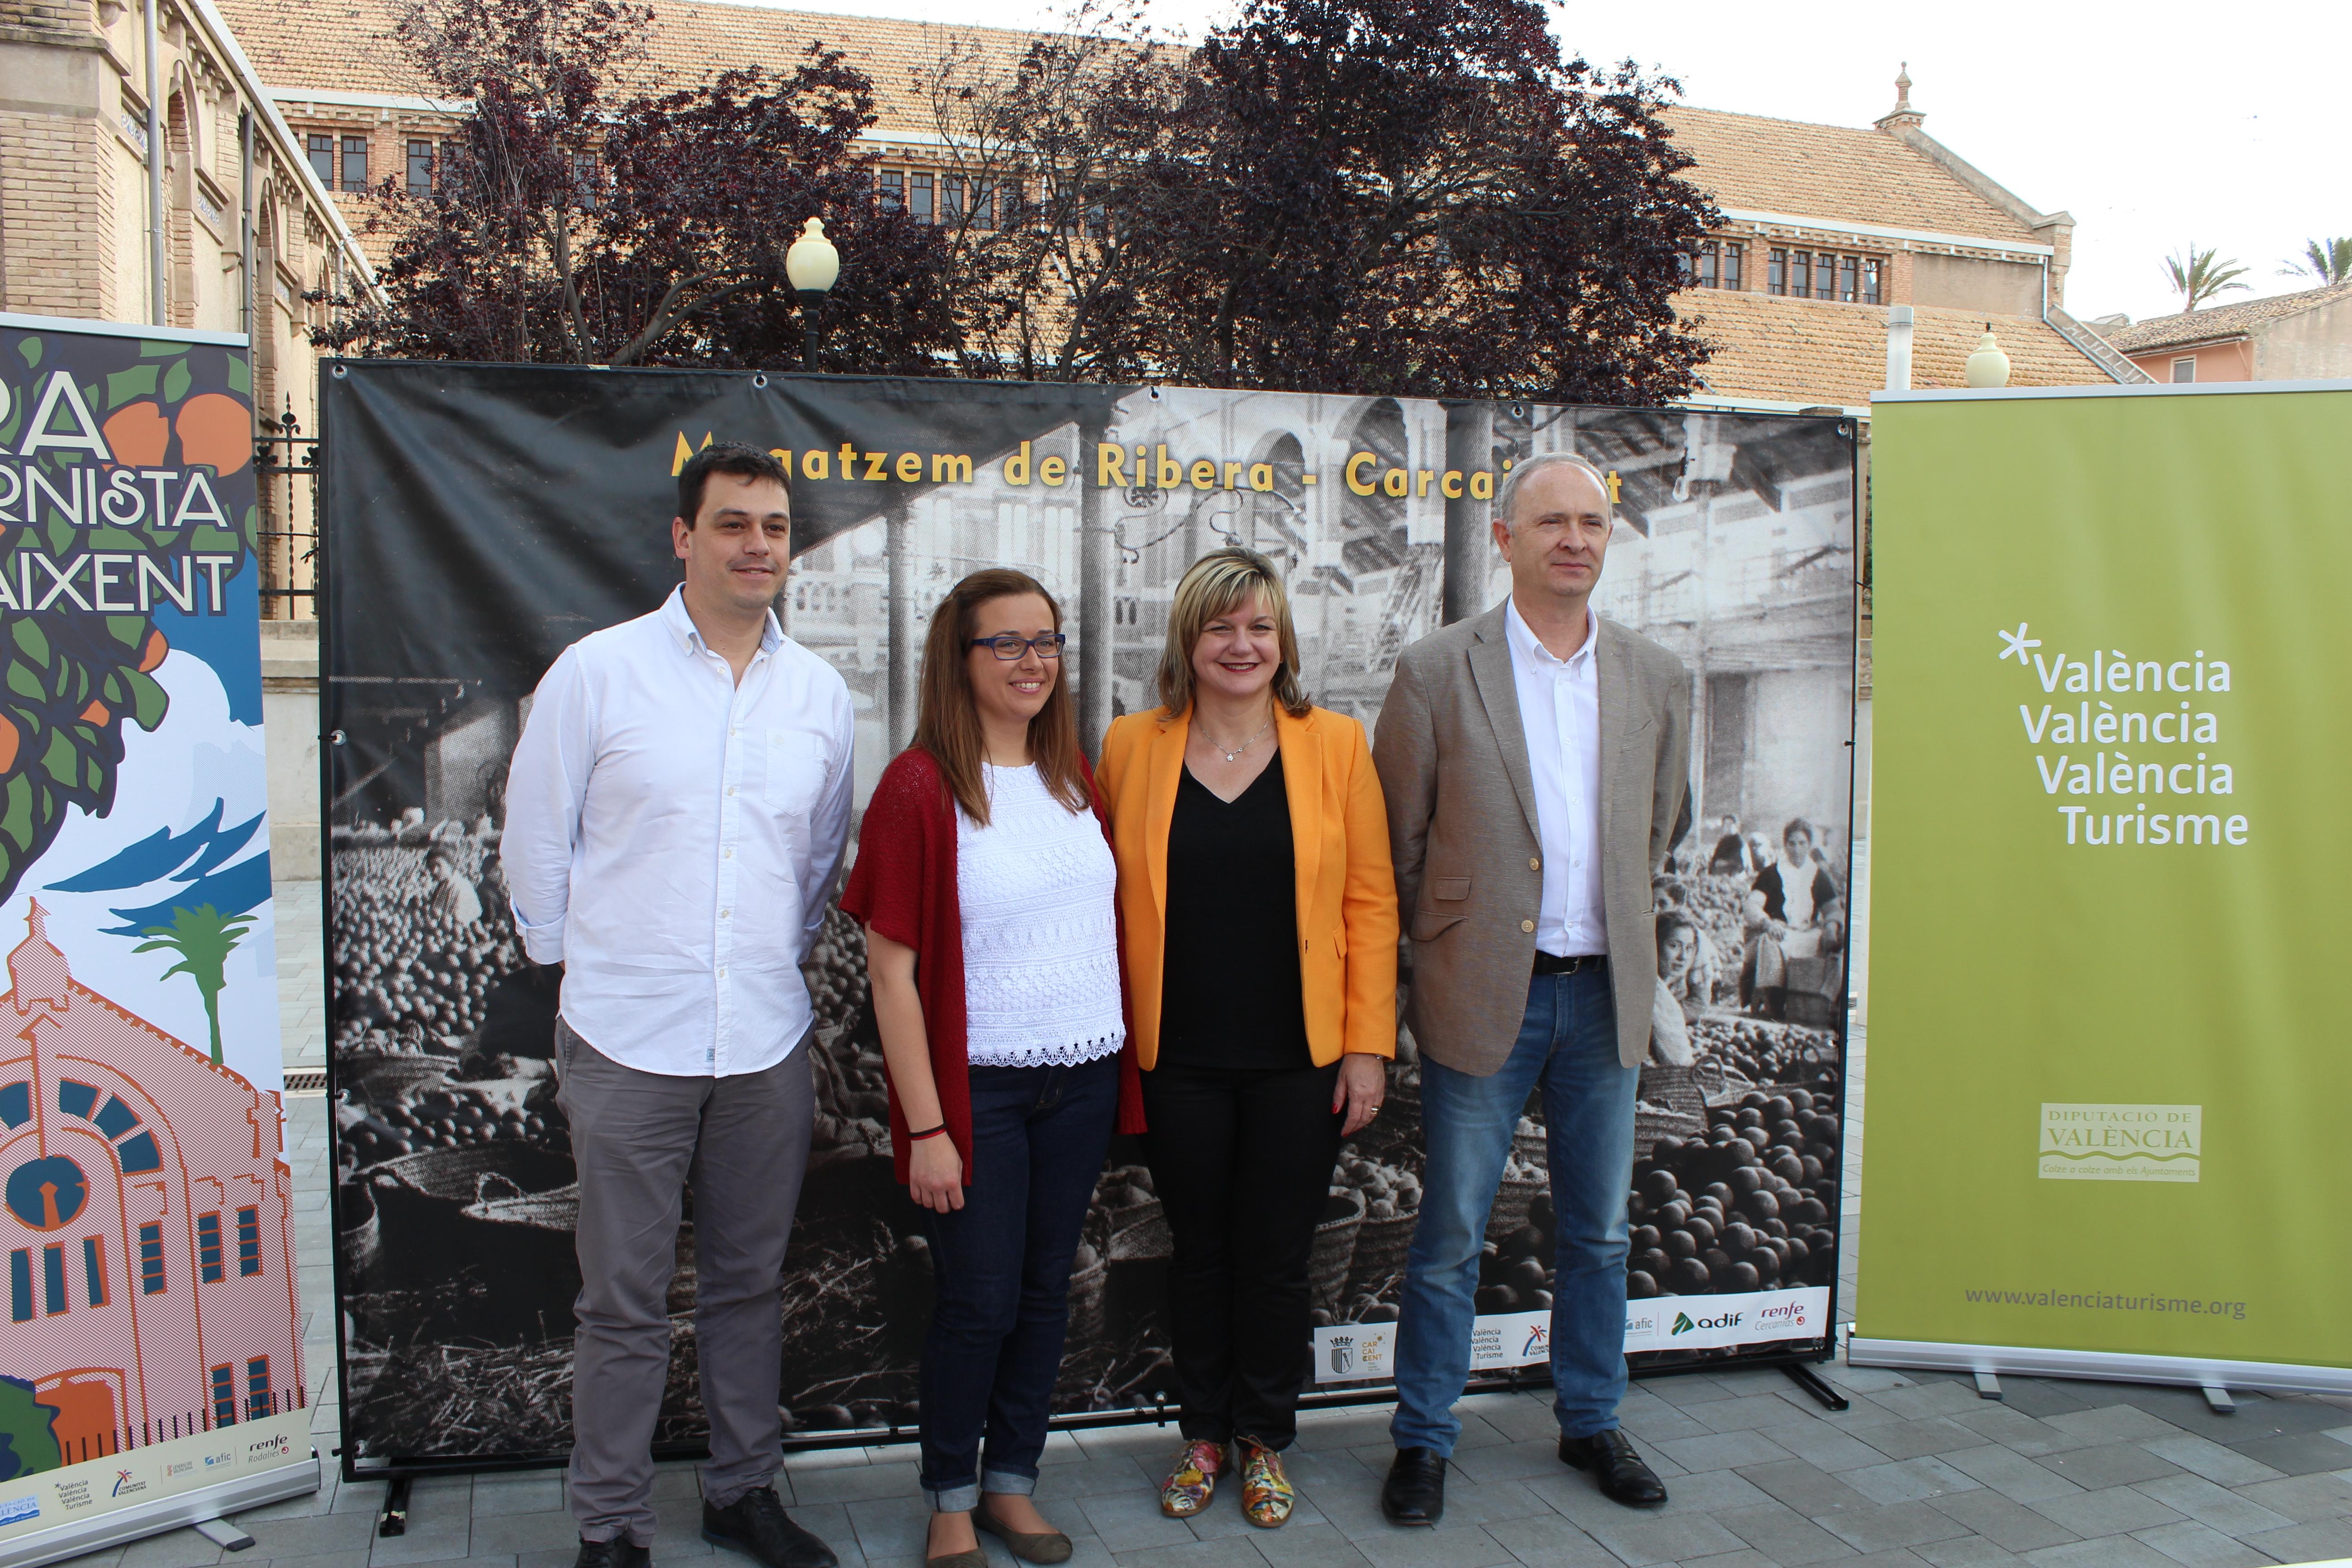 València Turisme abre hoy en Carcaixent un fin de semana volcado en la cultura y la gastronomía valencianas